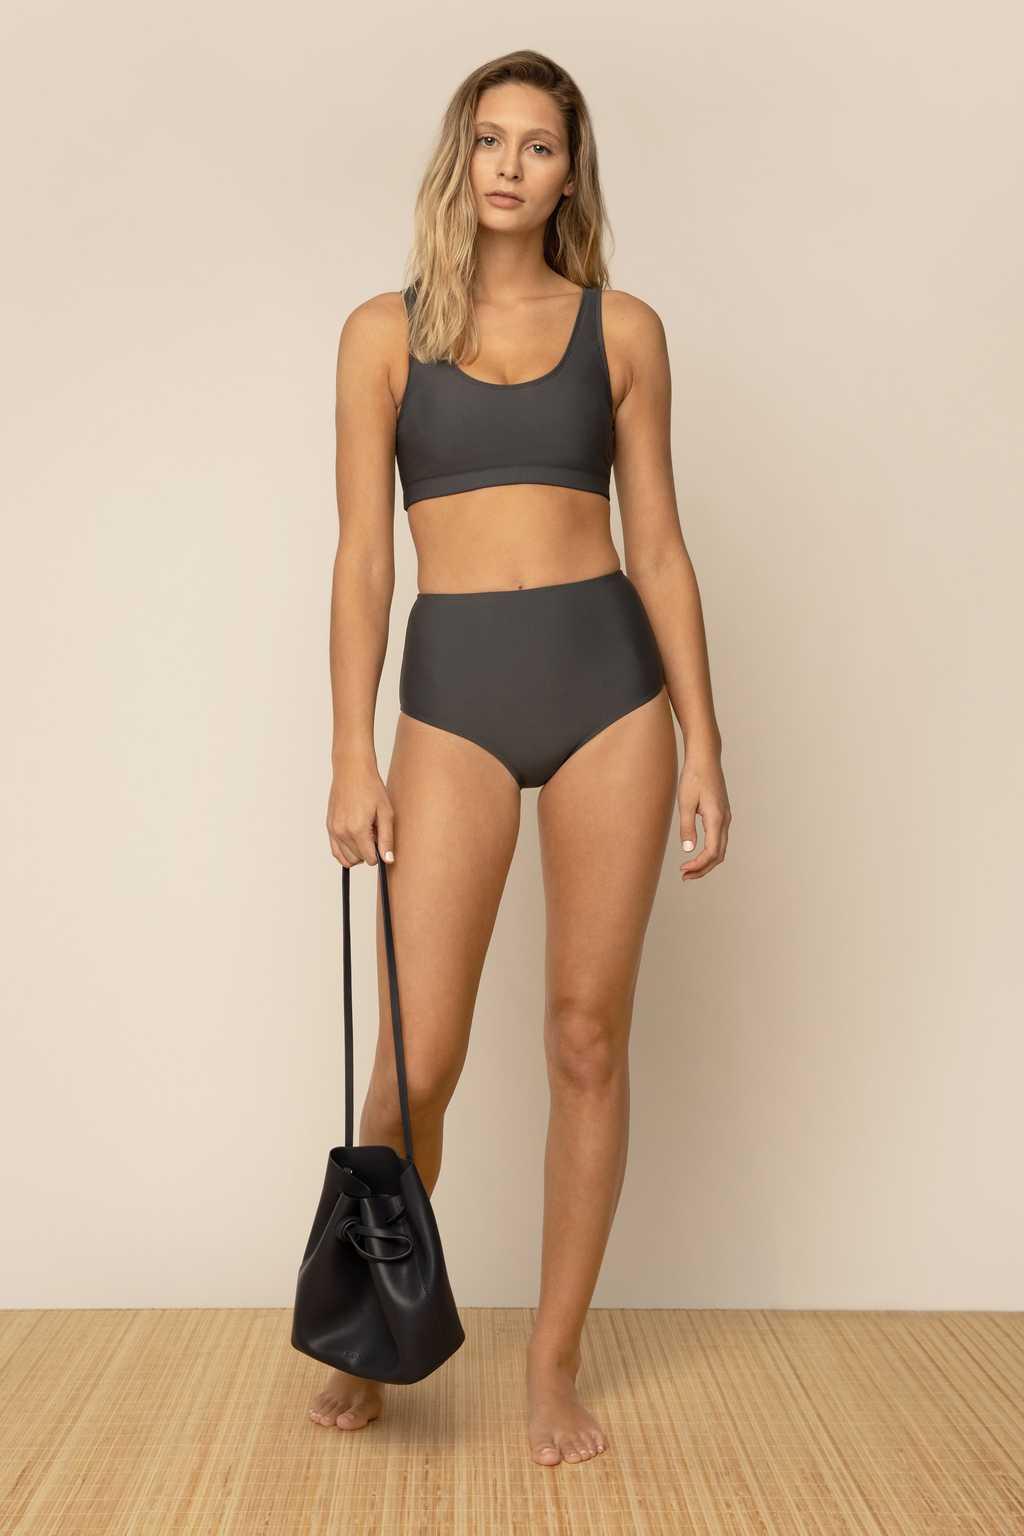 Bikini Top 2906 Gray 14